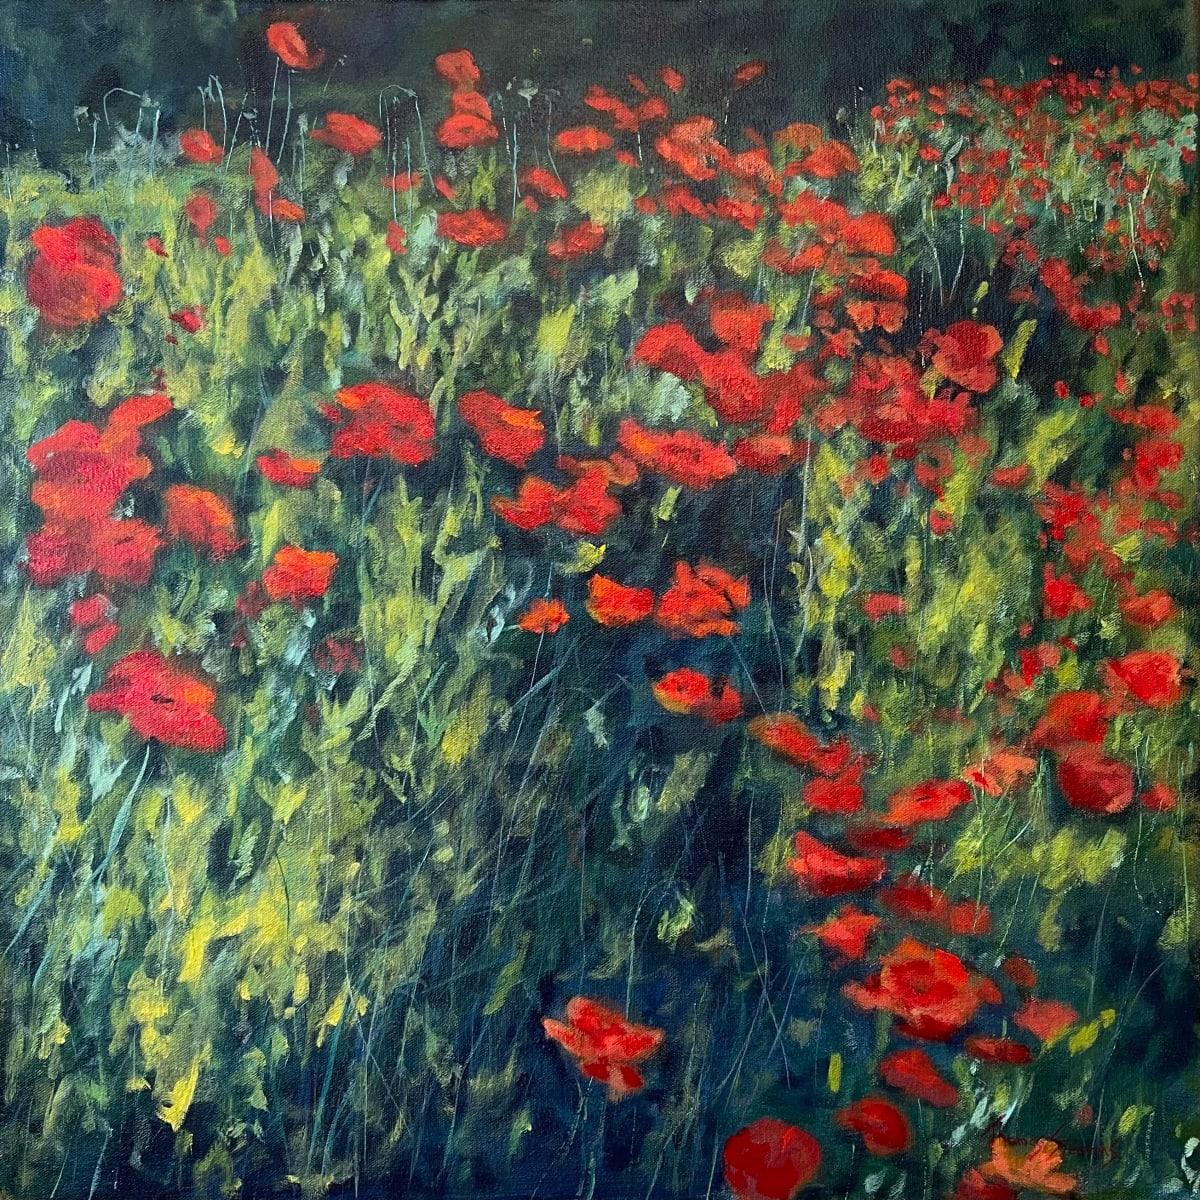 Poppies I  36.07546N 79.10113W by Thomas Stevens